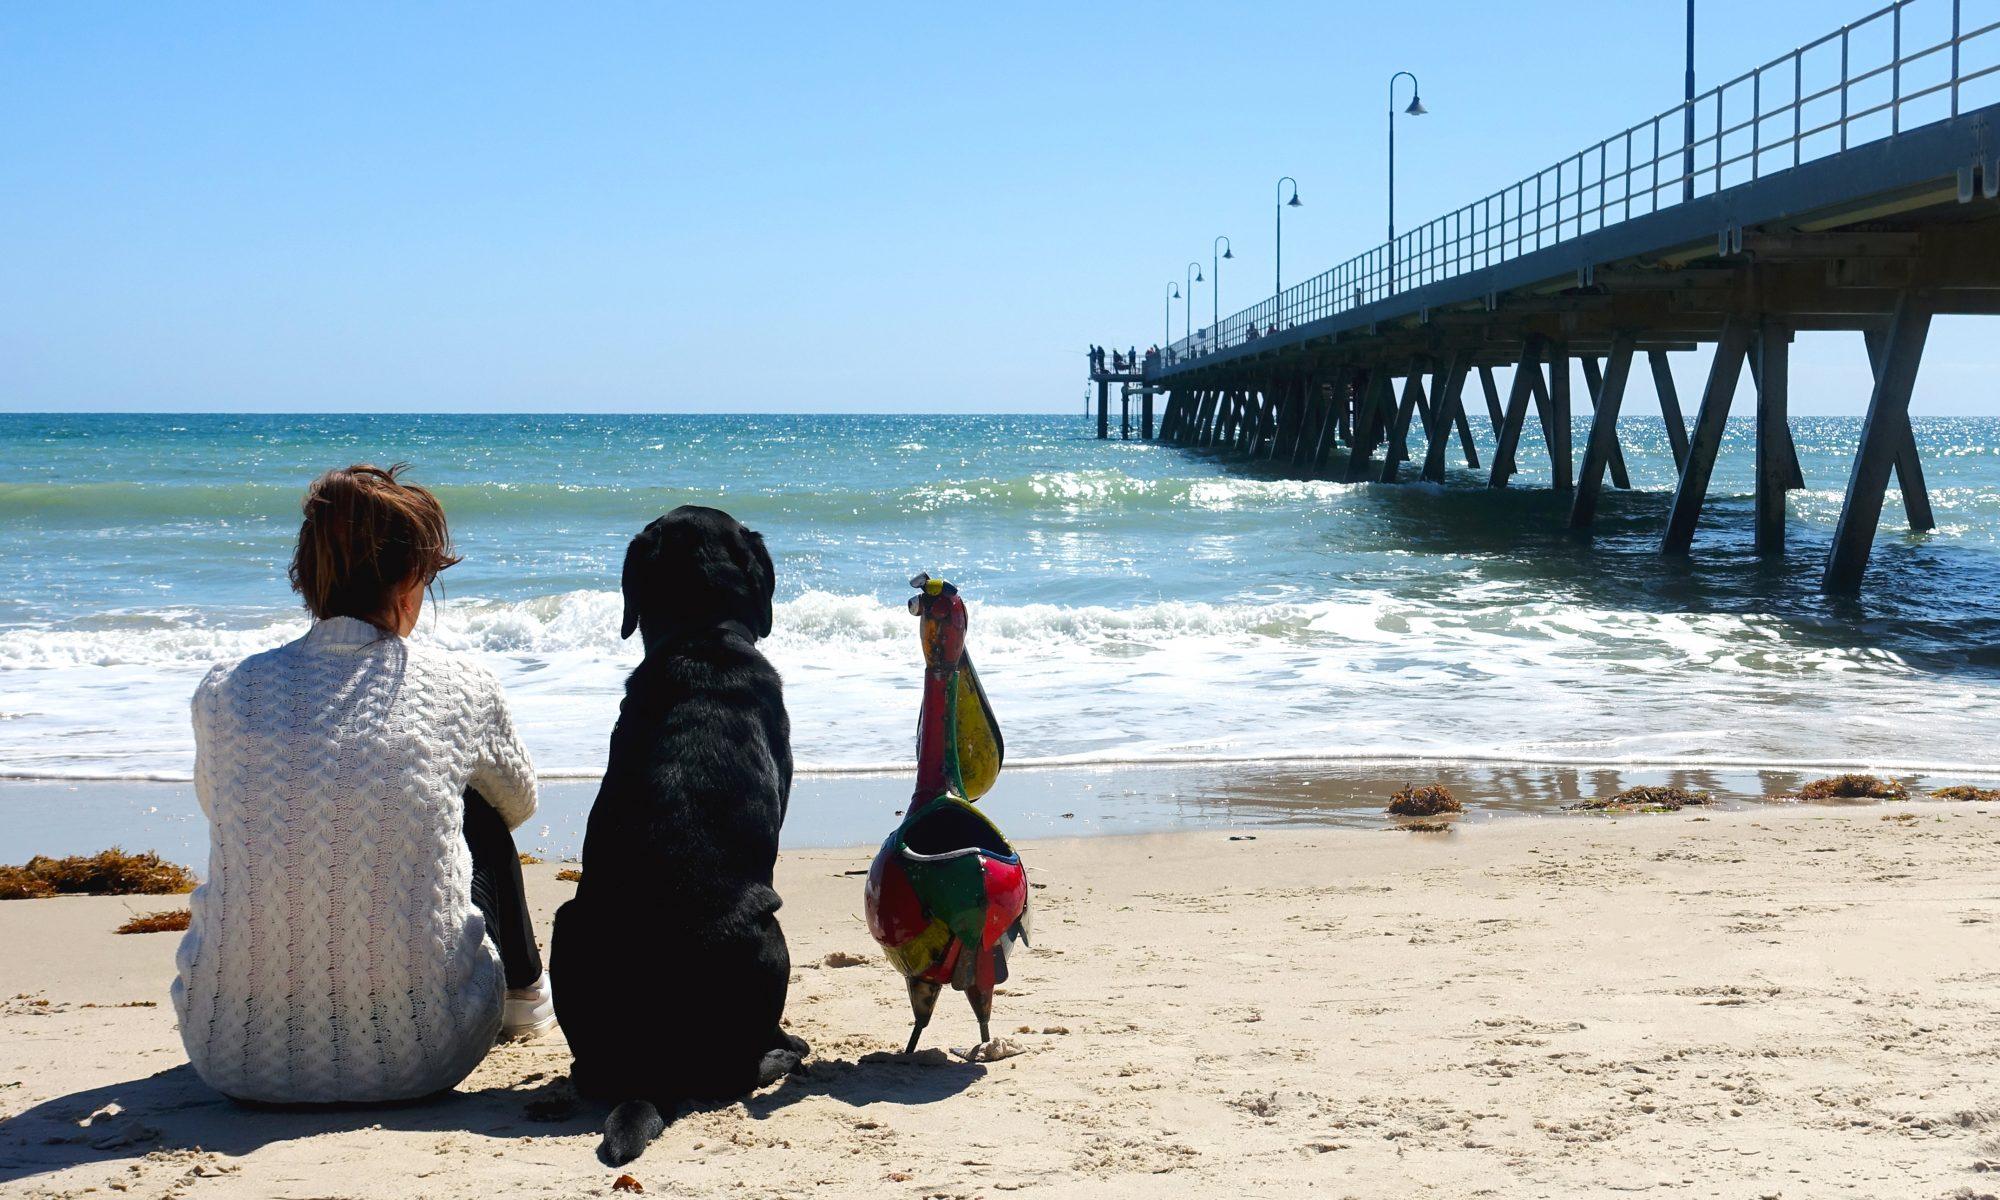 Glenelg beach, Adelaide South Australia